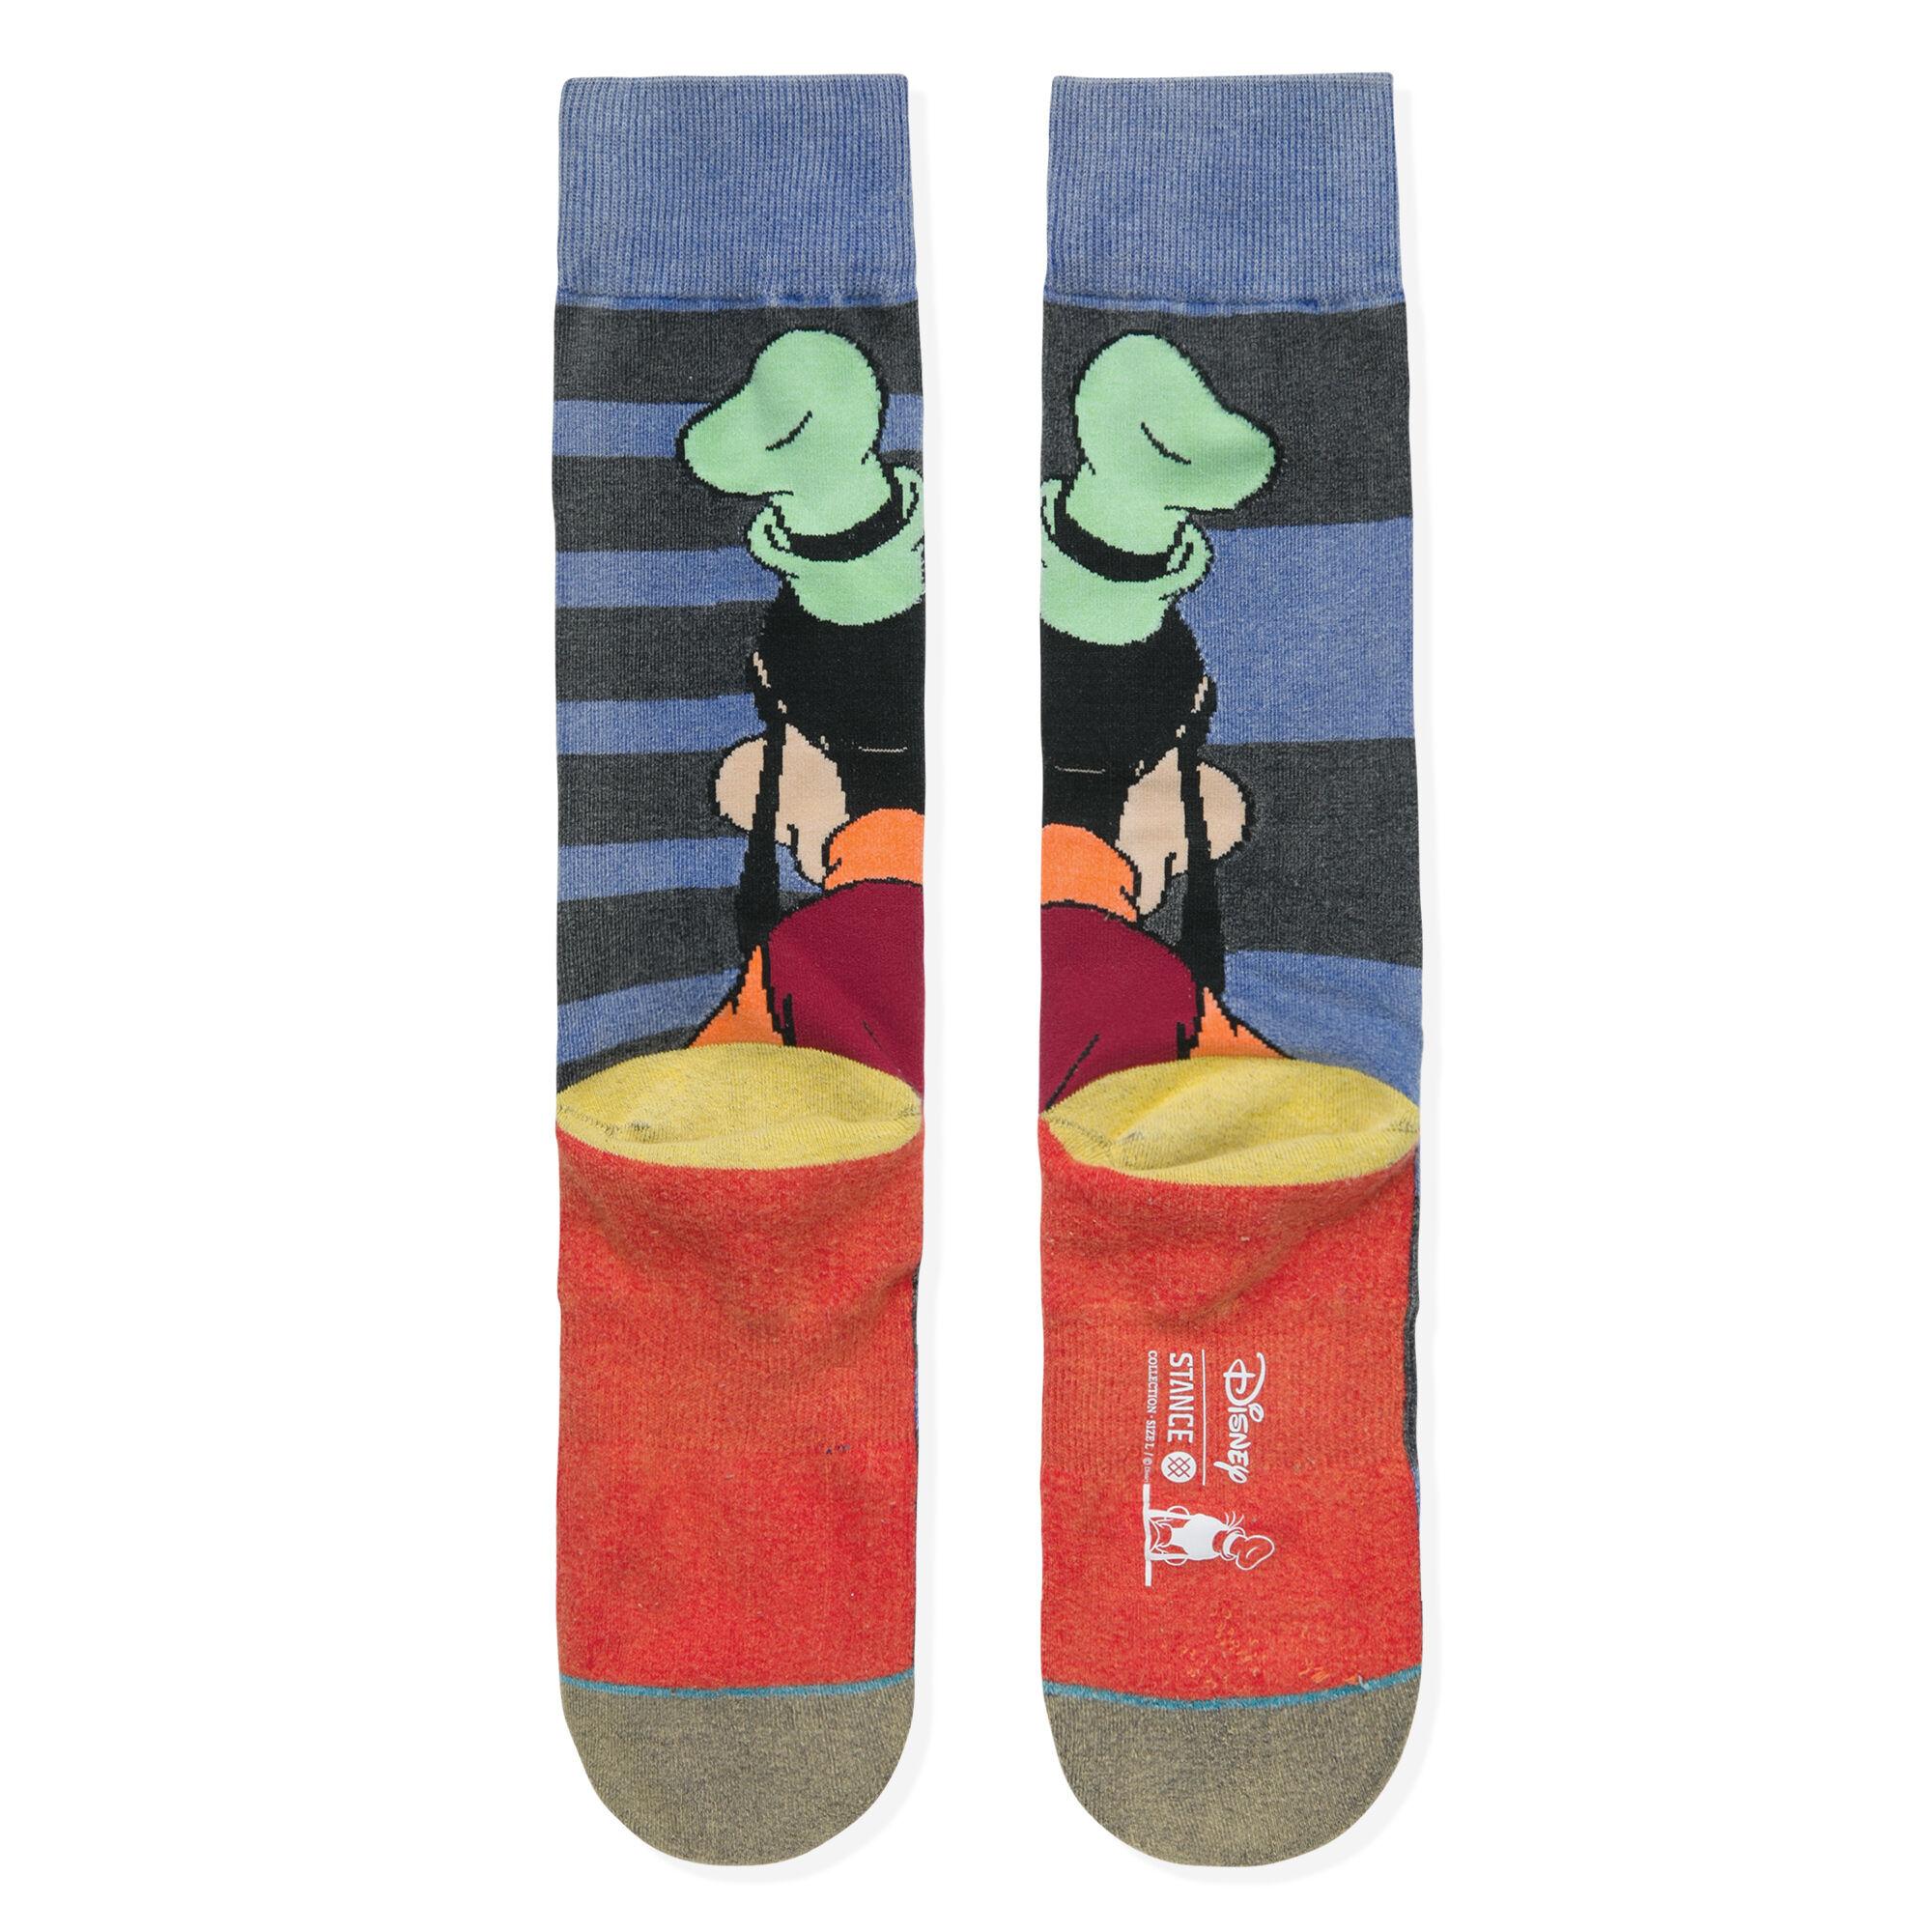 Goofy Mens Disney Socks Stance